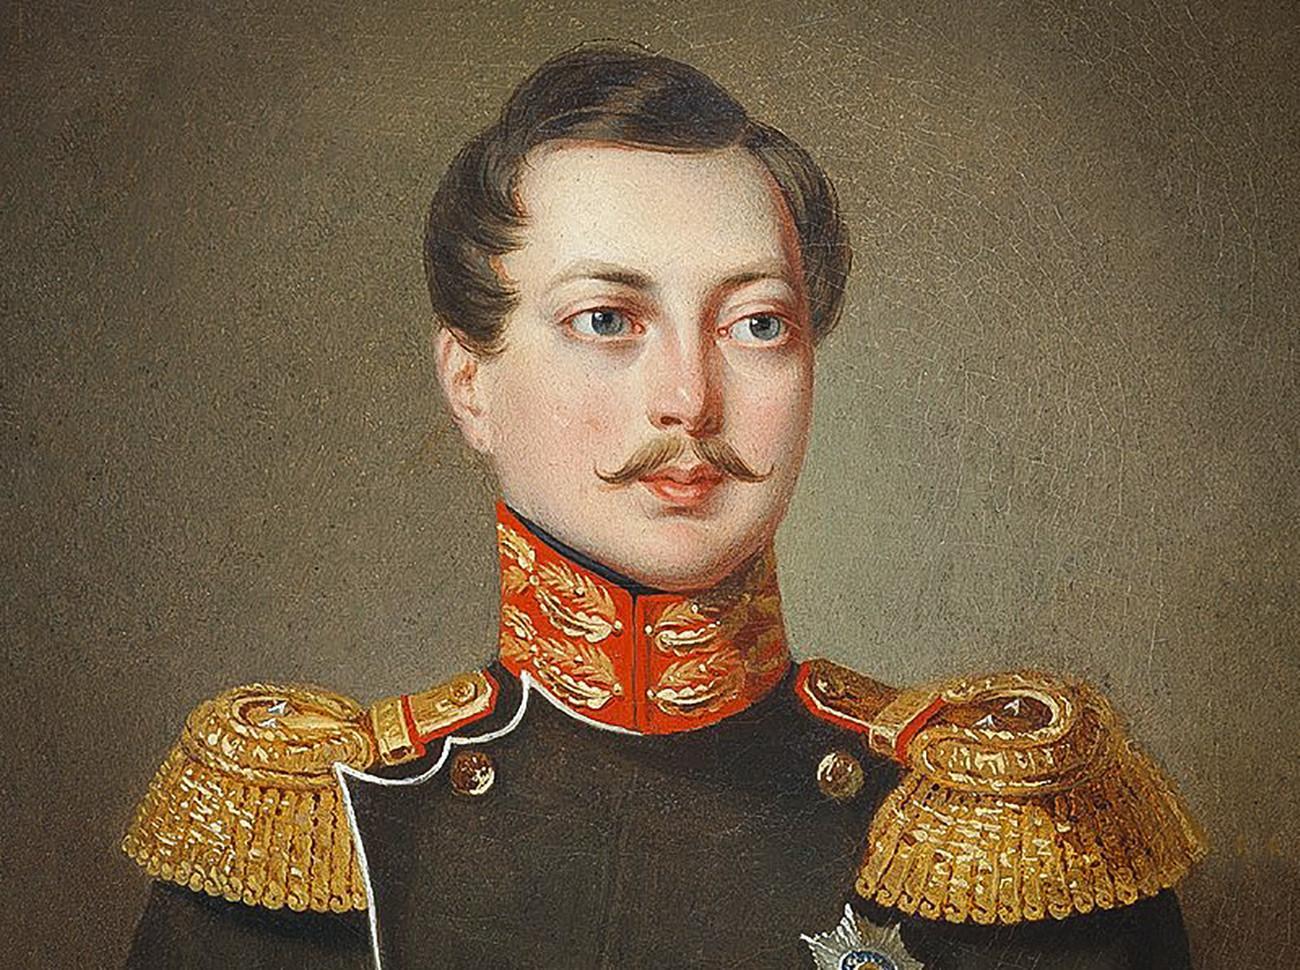 Alexander II muda, saat itu — tsarevich dan pewaris tahta Rusia.